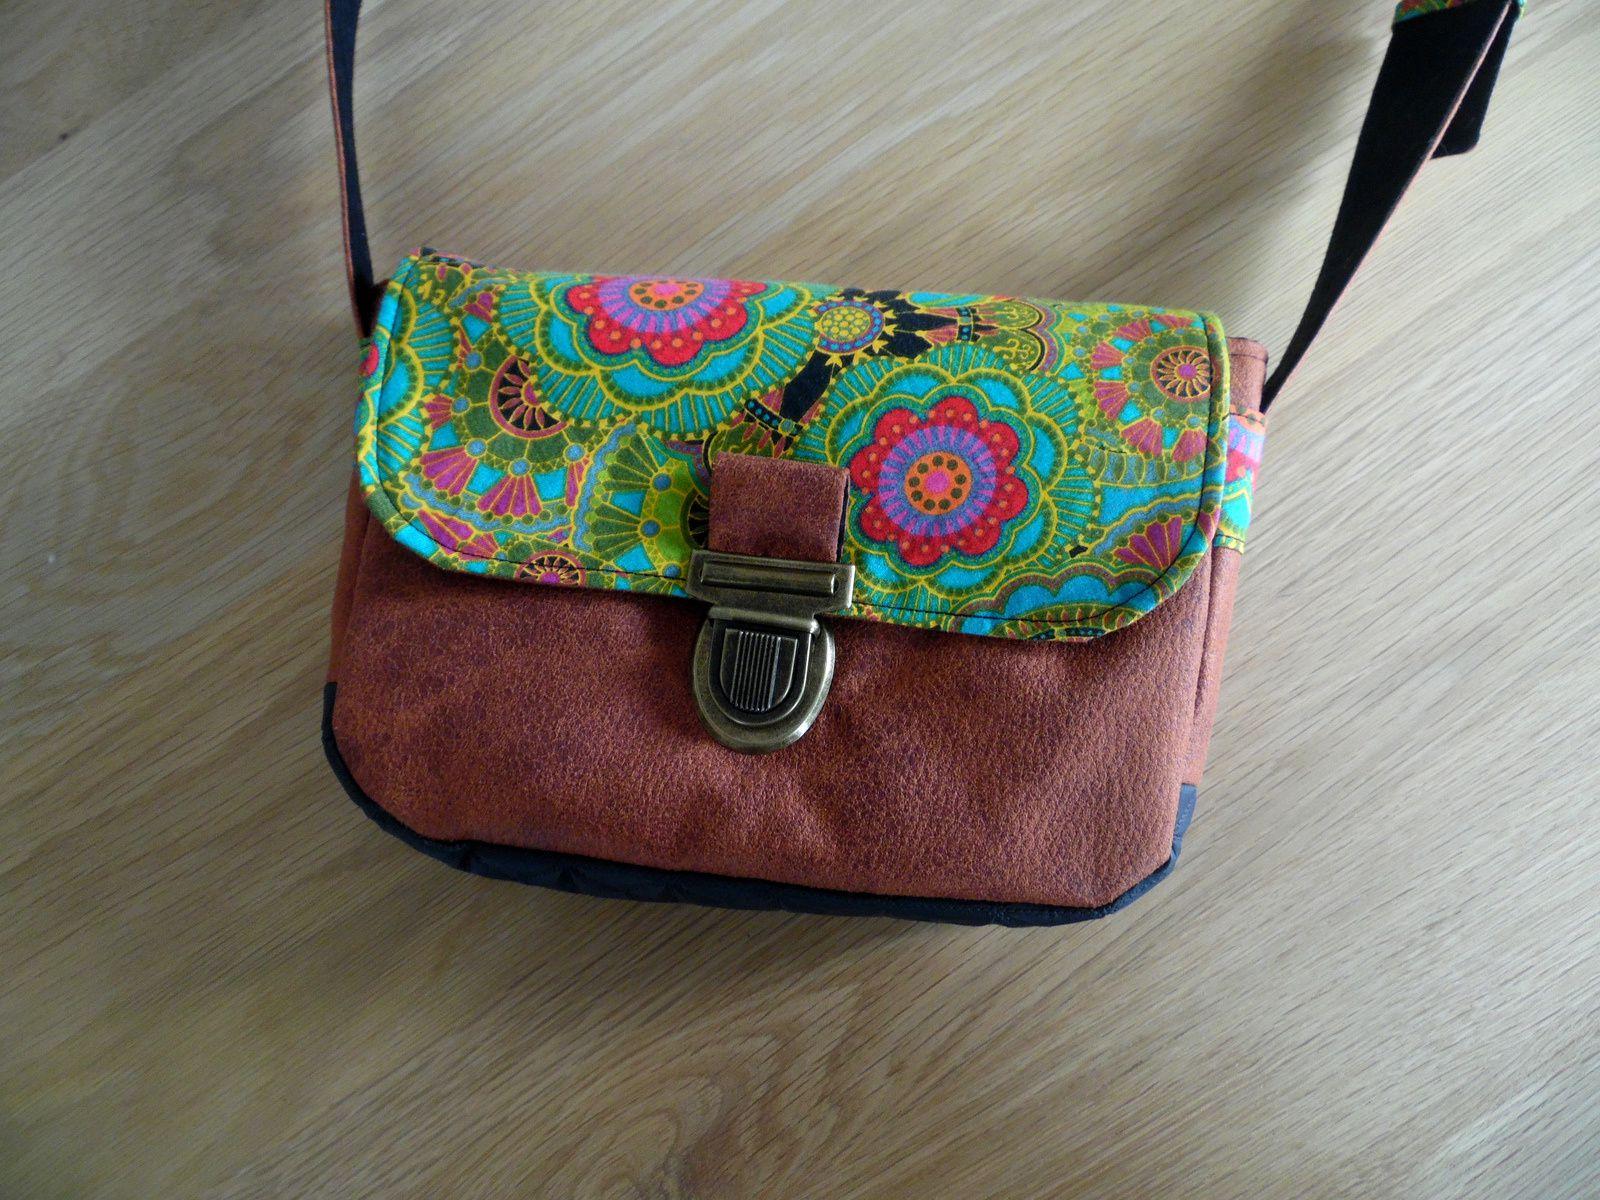 Nouveau modèle de sac à main : Mindy